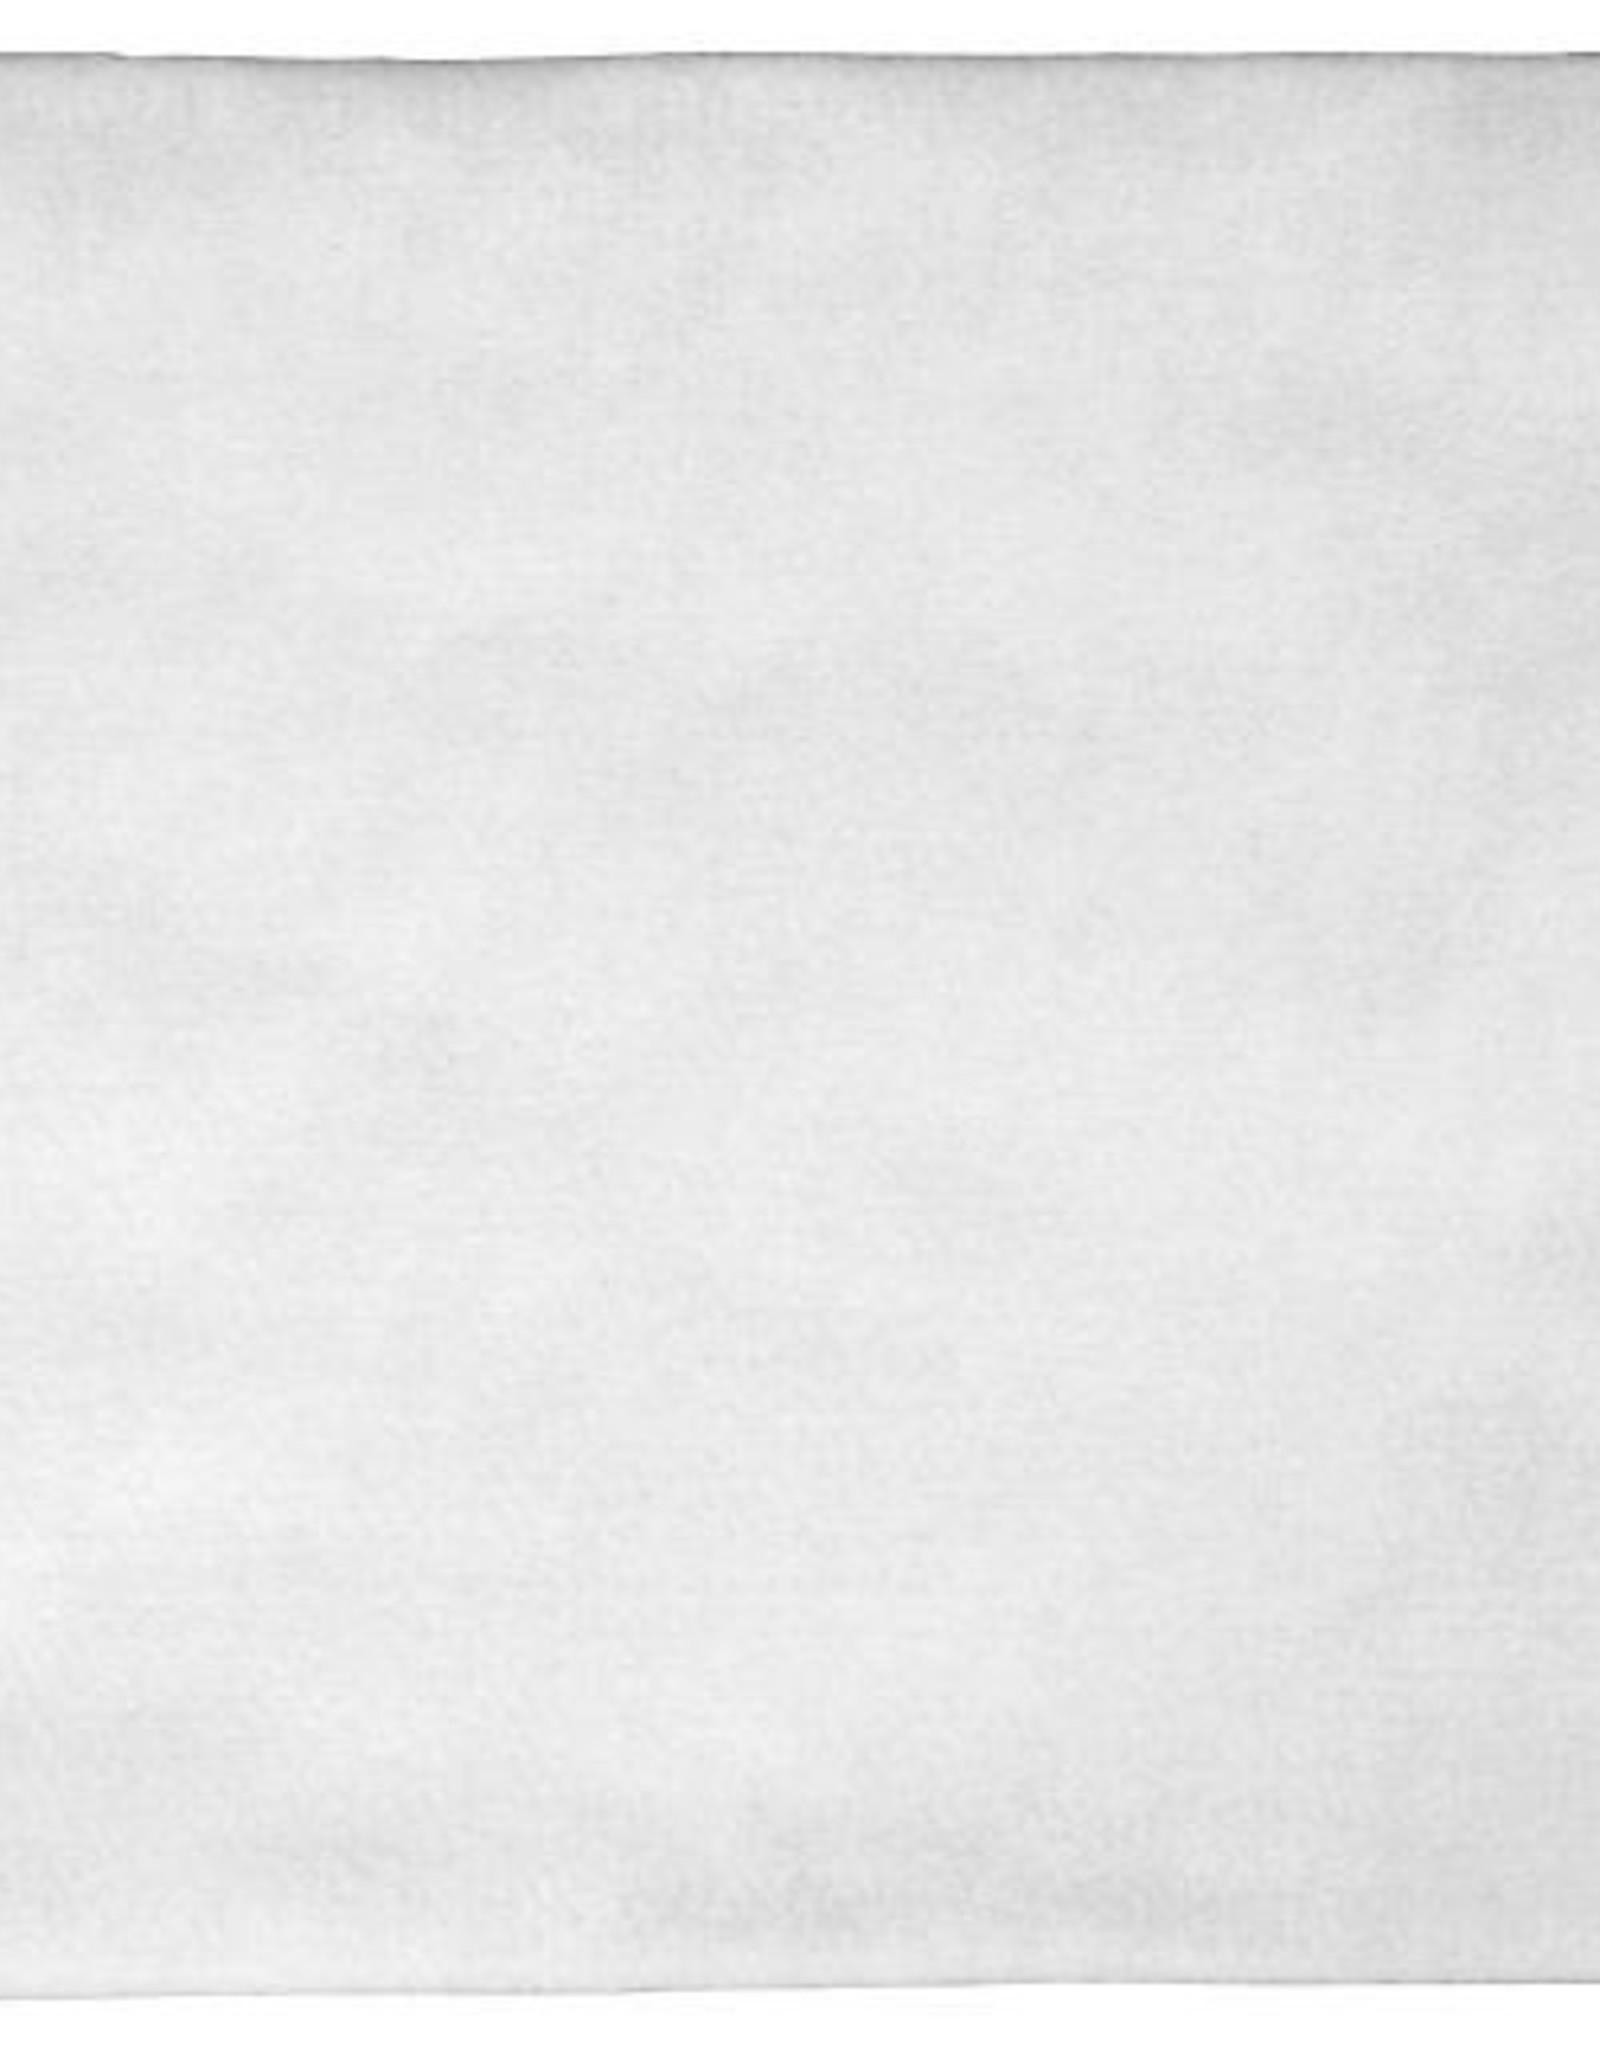 BWGS Capillary Mat, 1' x 3'